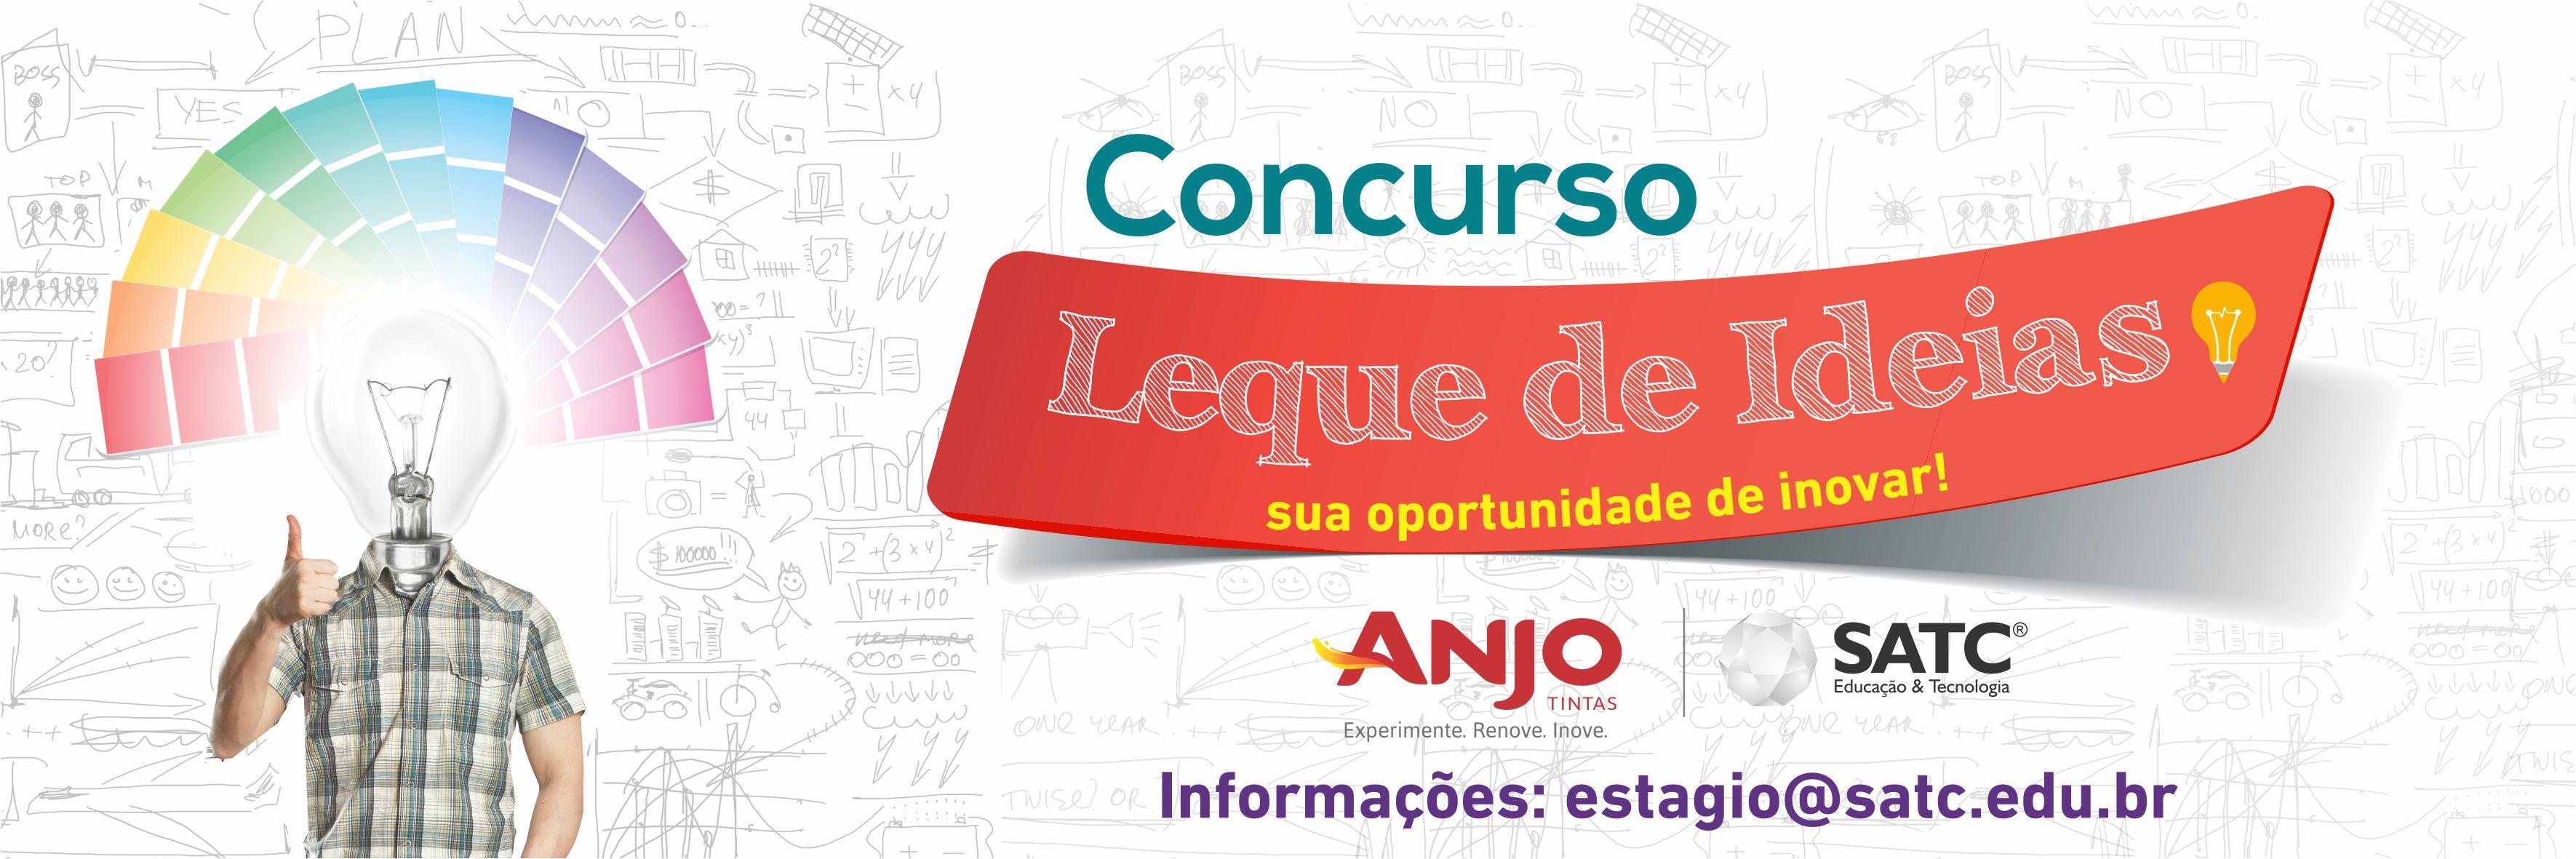 concurso_anjo_satc